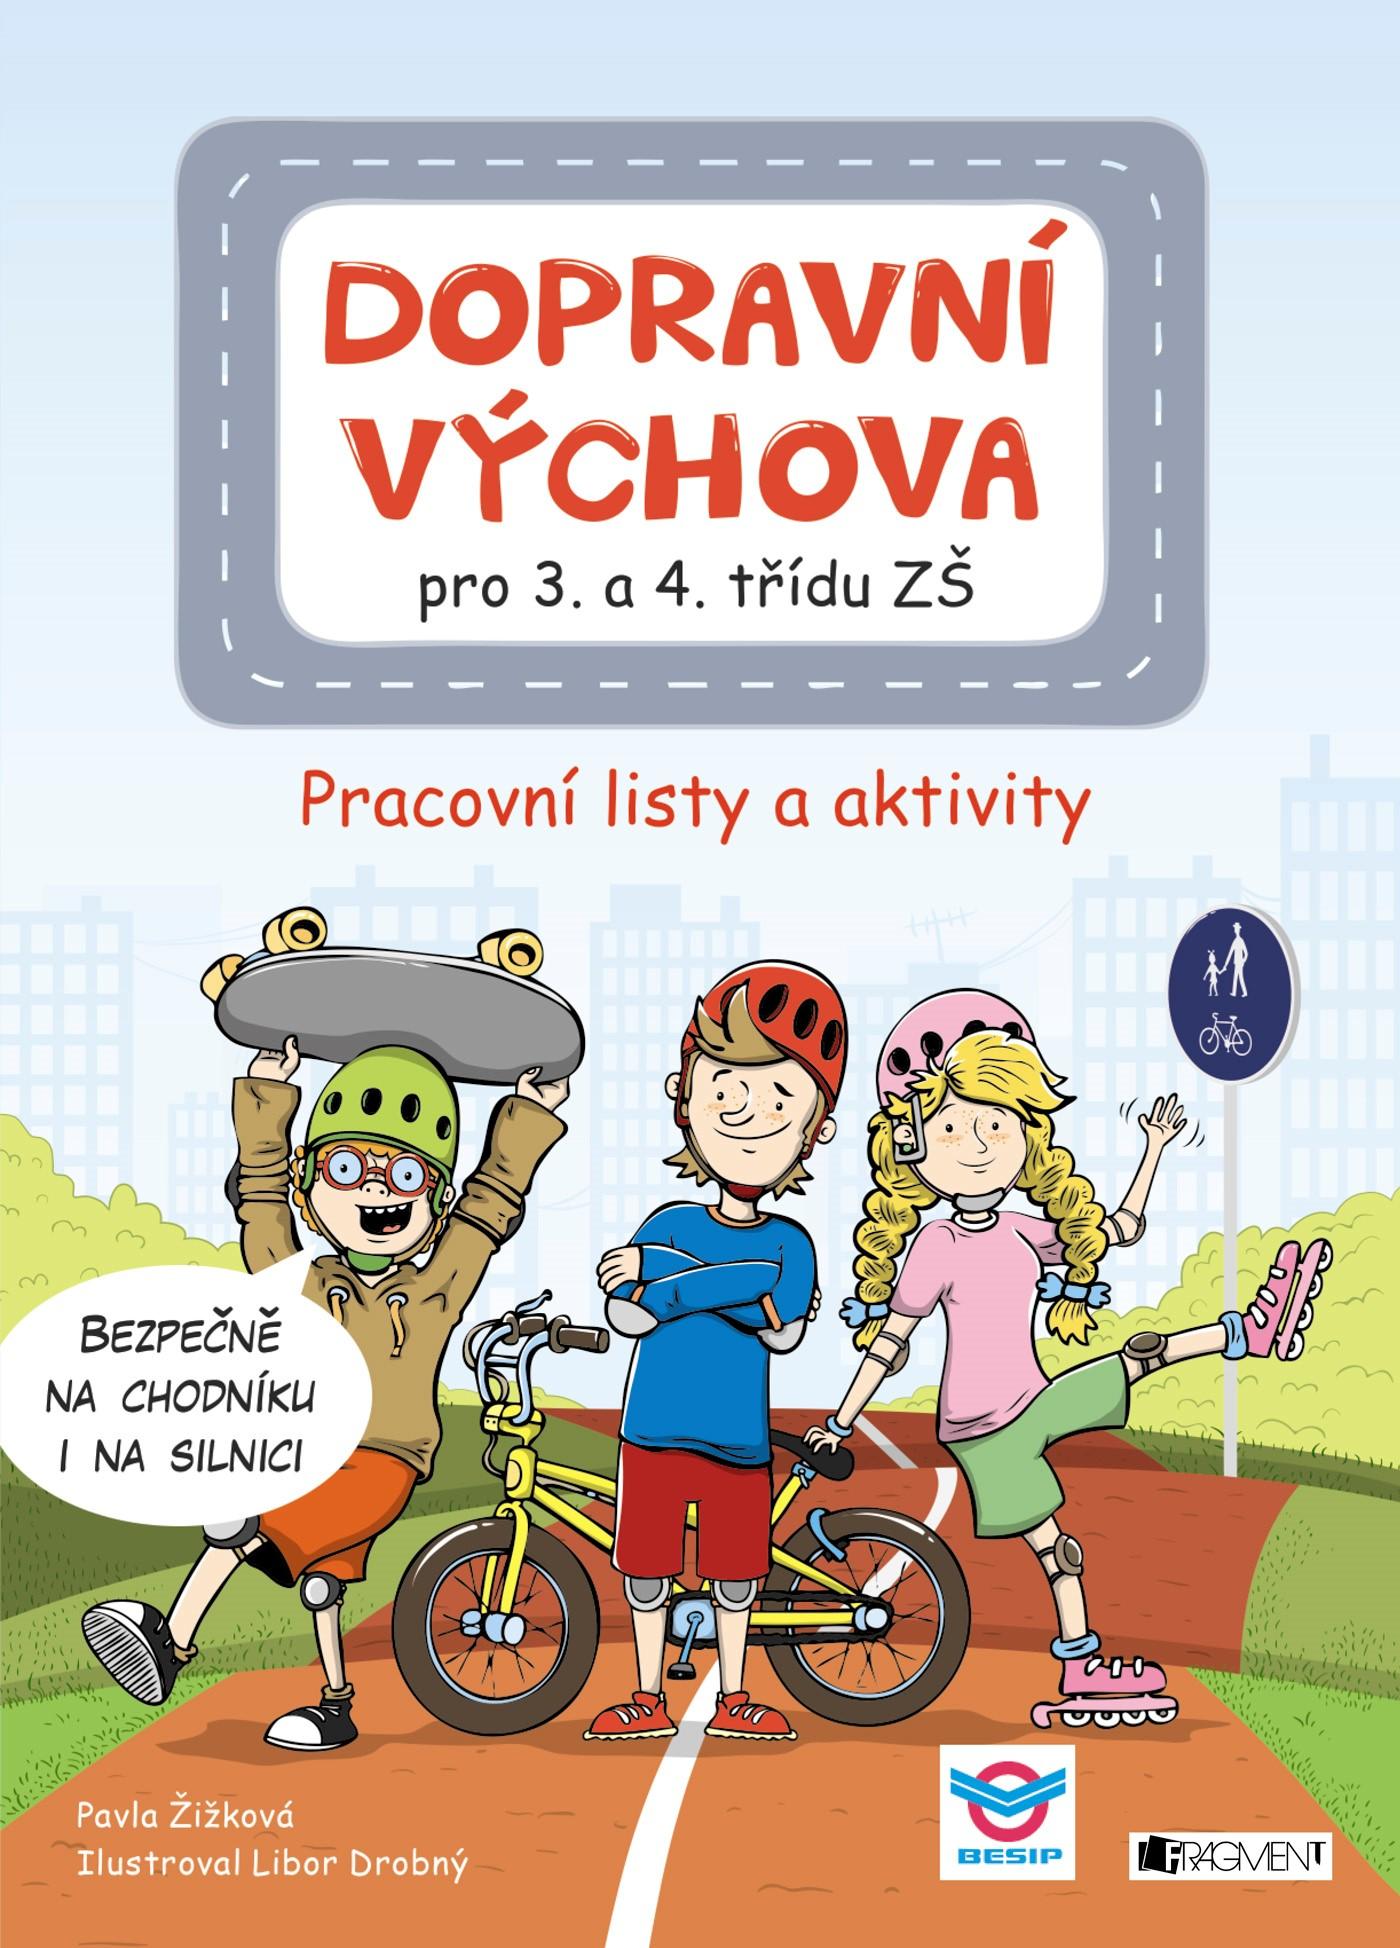 Dopravní výchova pro 3. a 4. třídu ZŠ | Pavla Žižková